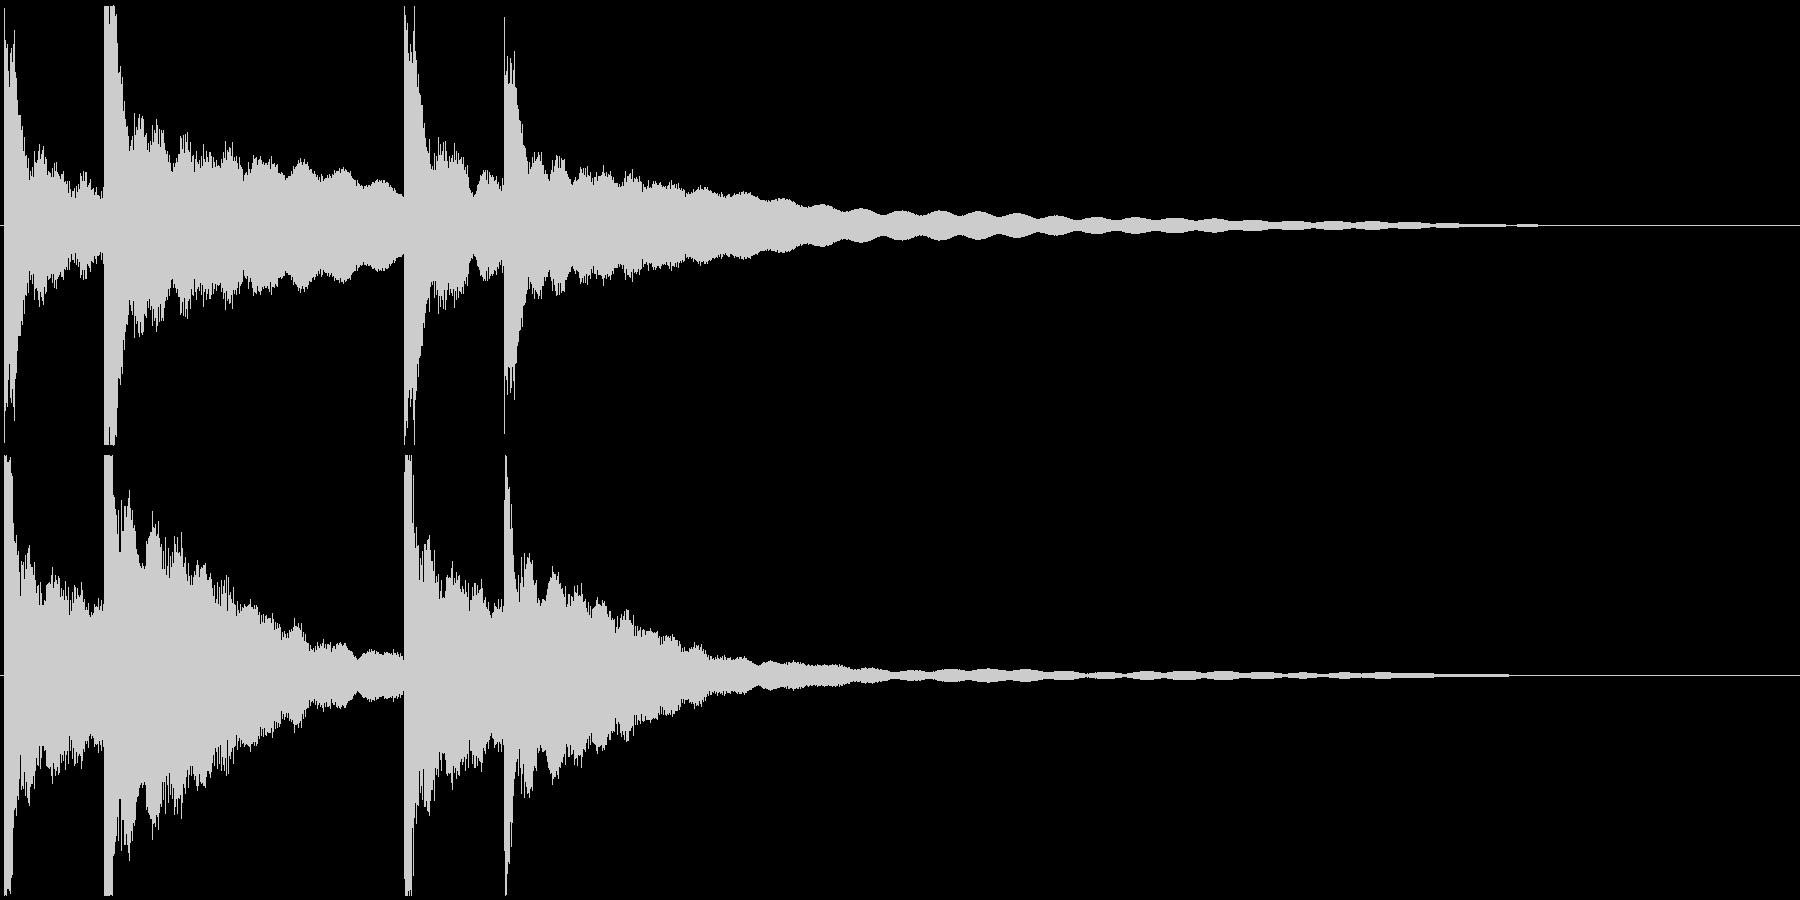 カーンカーン 西洋の鐘の音2の未再生の波形